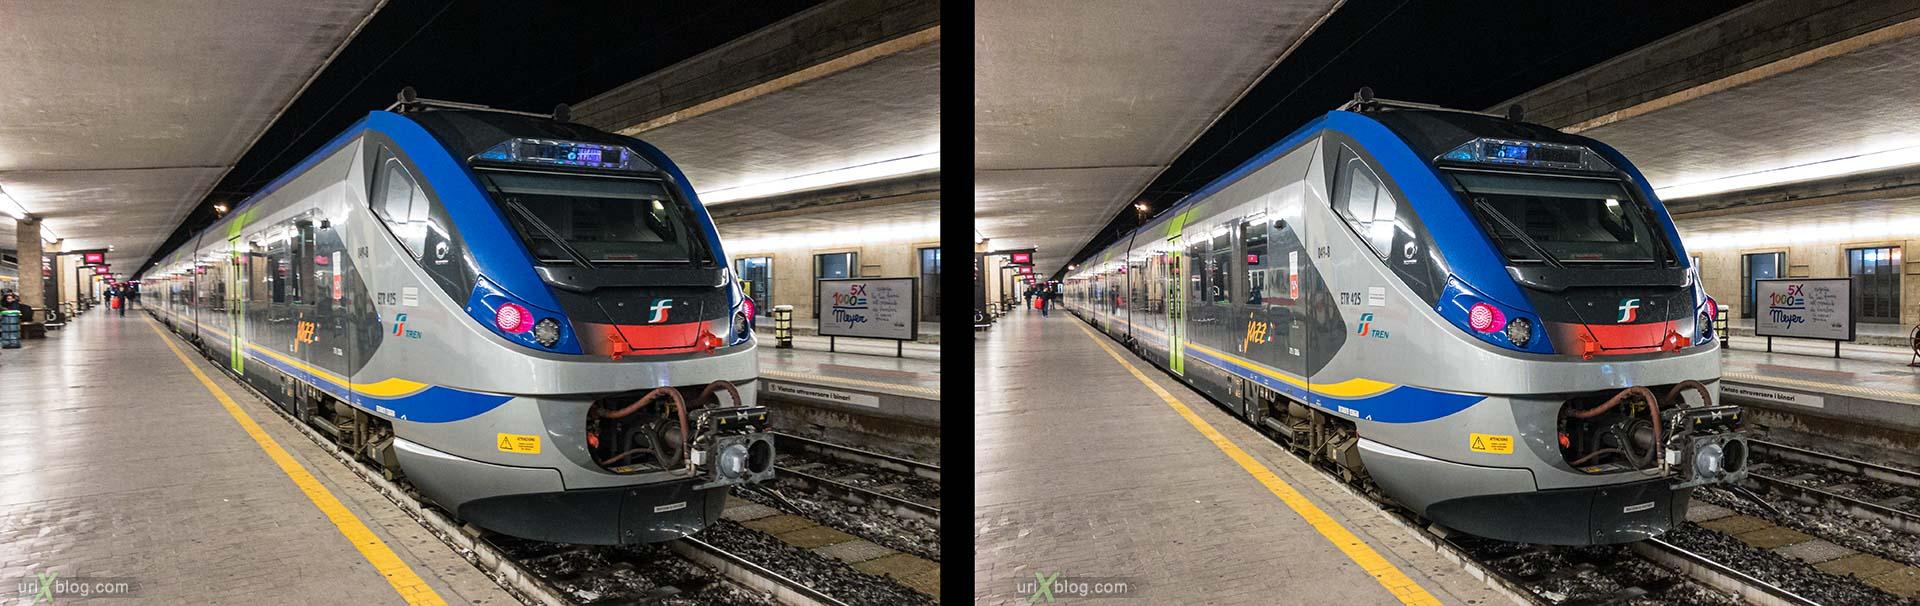 Santa Maria Novella, Флоренция, жд вокзал, поезд, электровоз, Италия, 3D, перекрёстная стереопара, стерео, стереопара